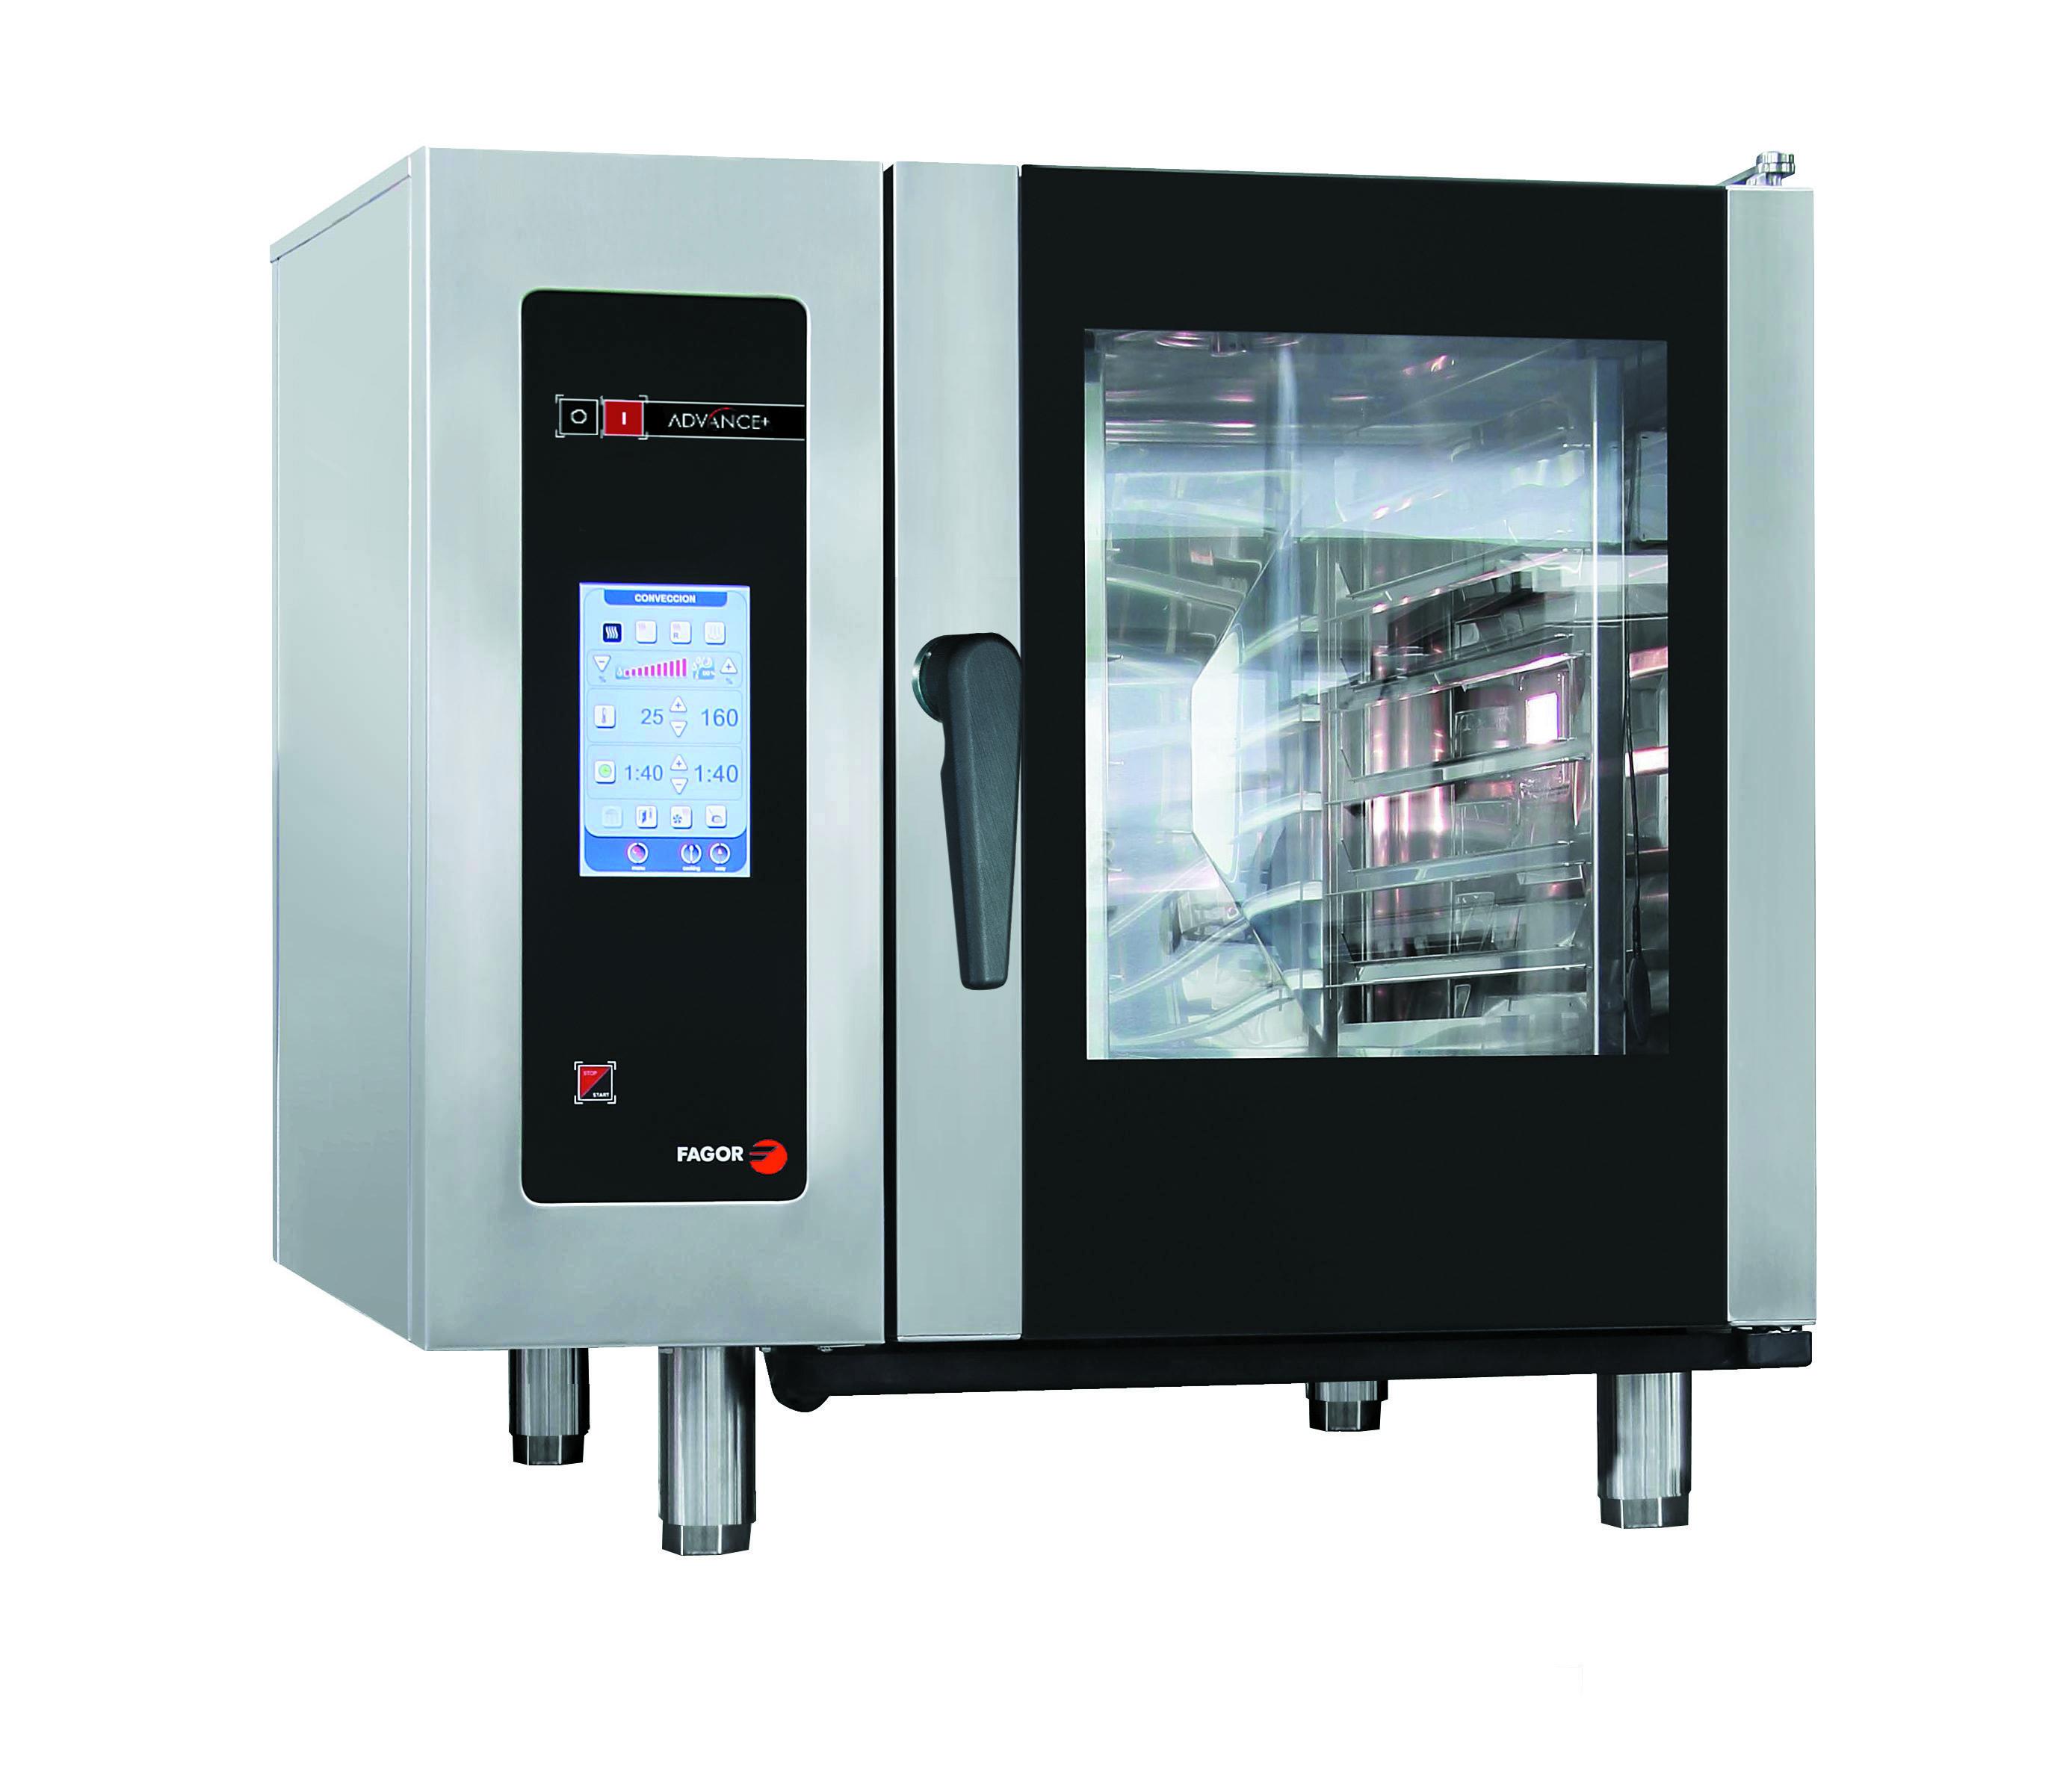 Fagor APG-061萬能蒸烤箱(瓦斯型)